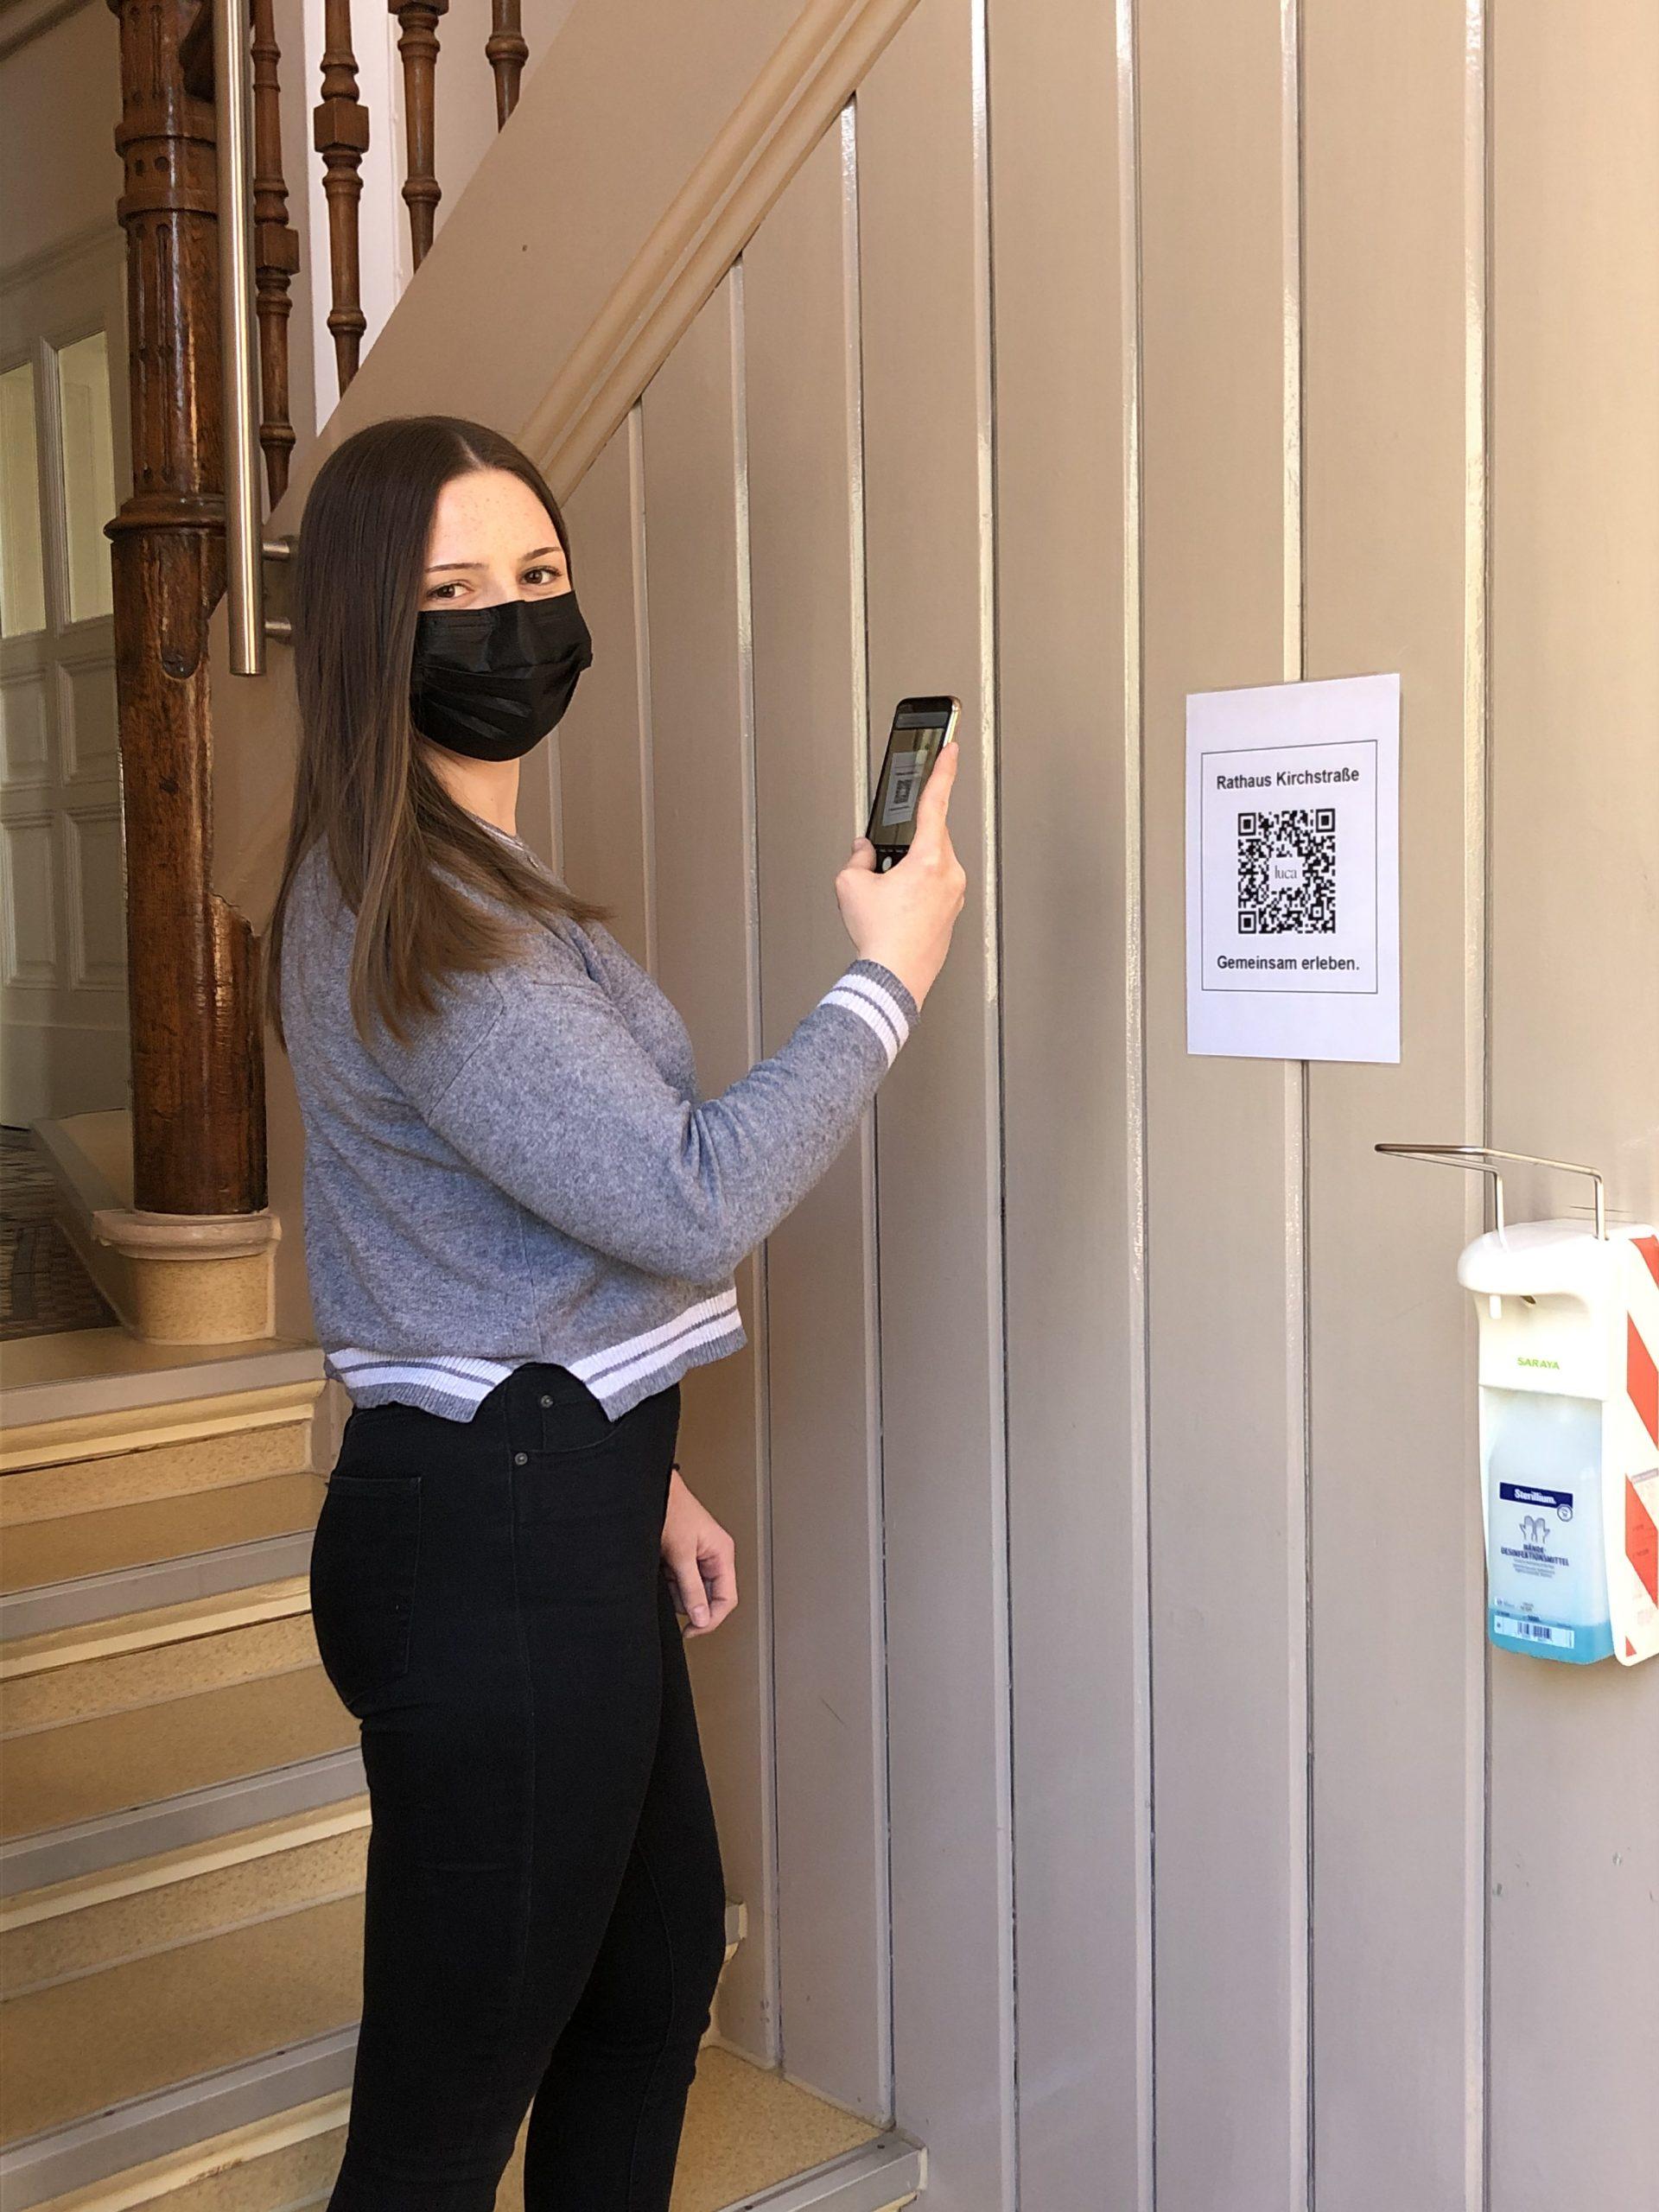 In der Lahnsteiner Stadtverwaltung mit der luca-App einchecken